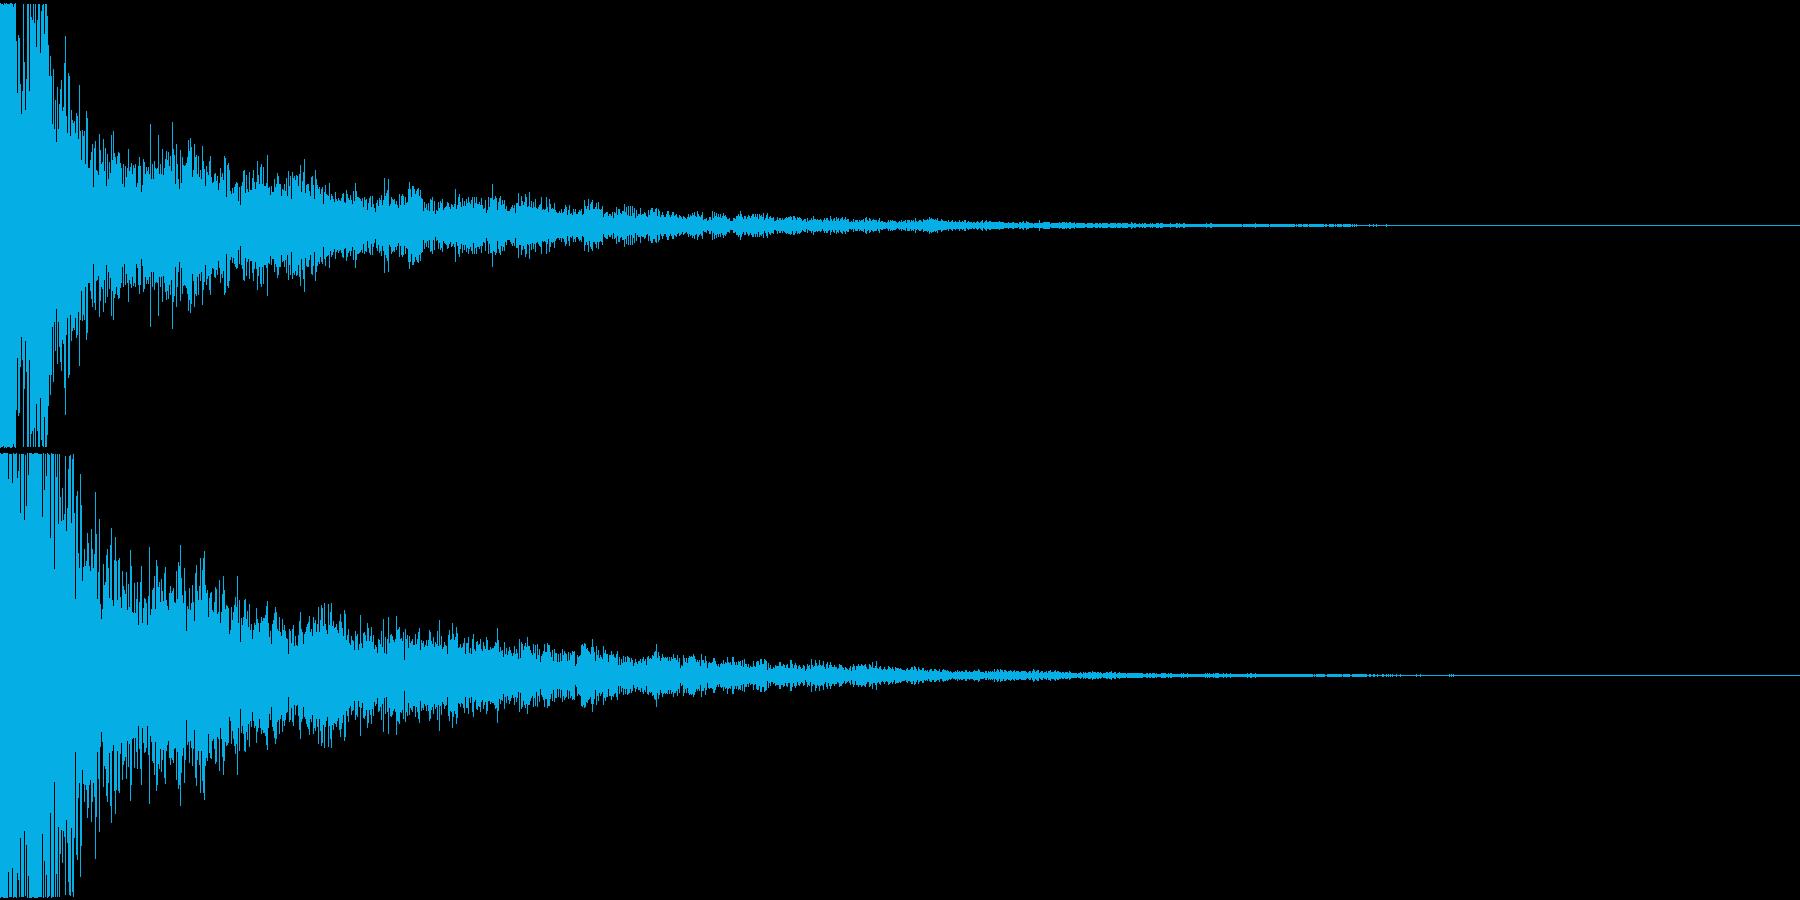 日常アニメ系のボタン効果音「てん!」2の再生済みの波形